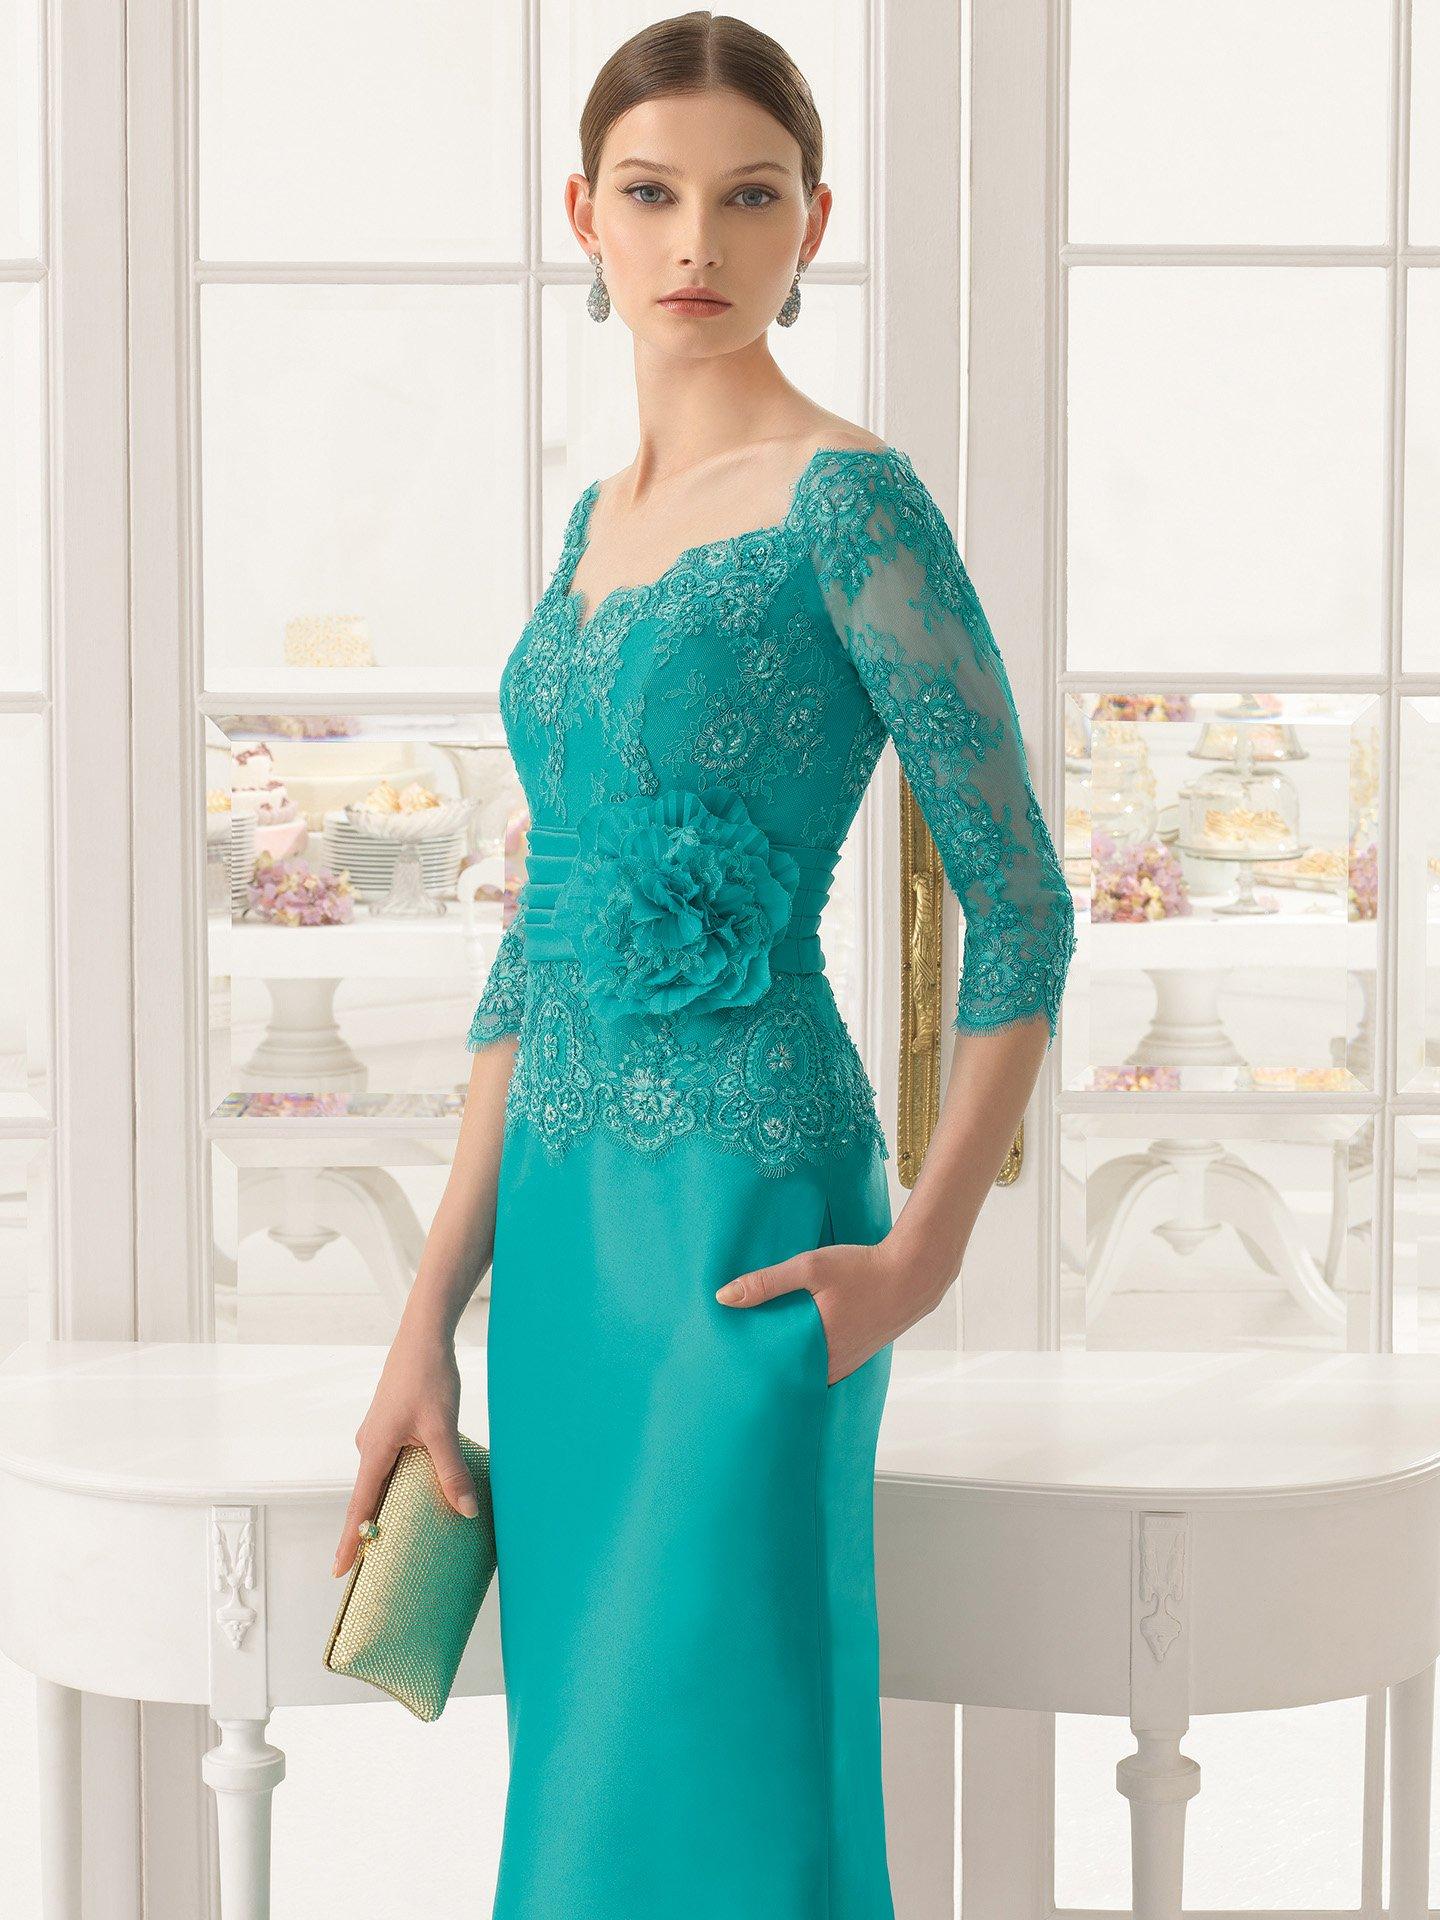 Фото изысканные платья